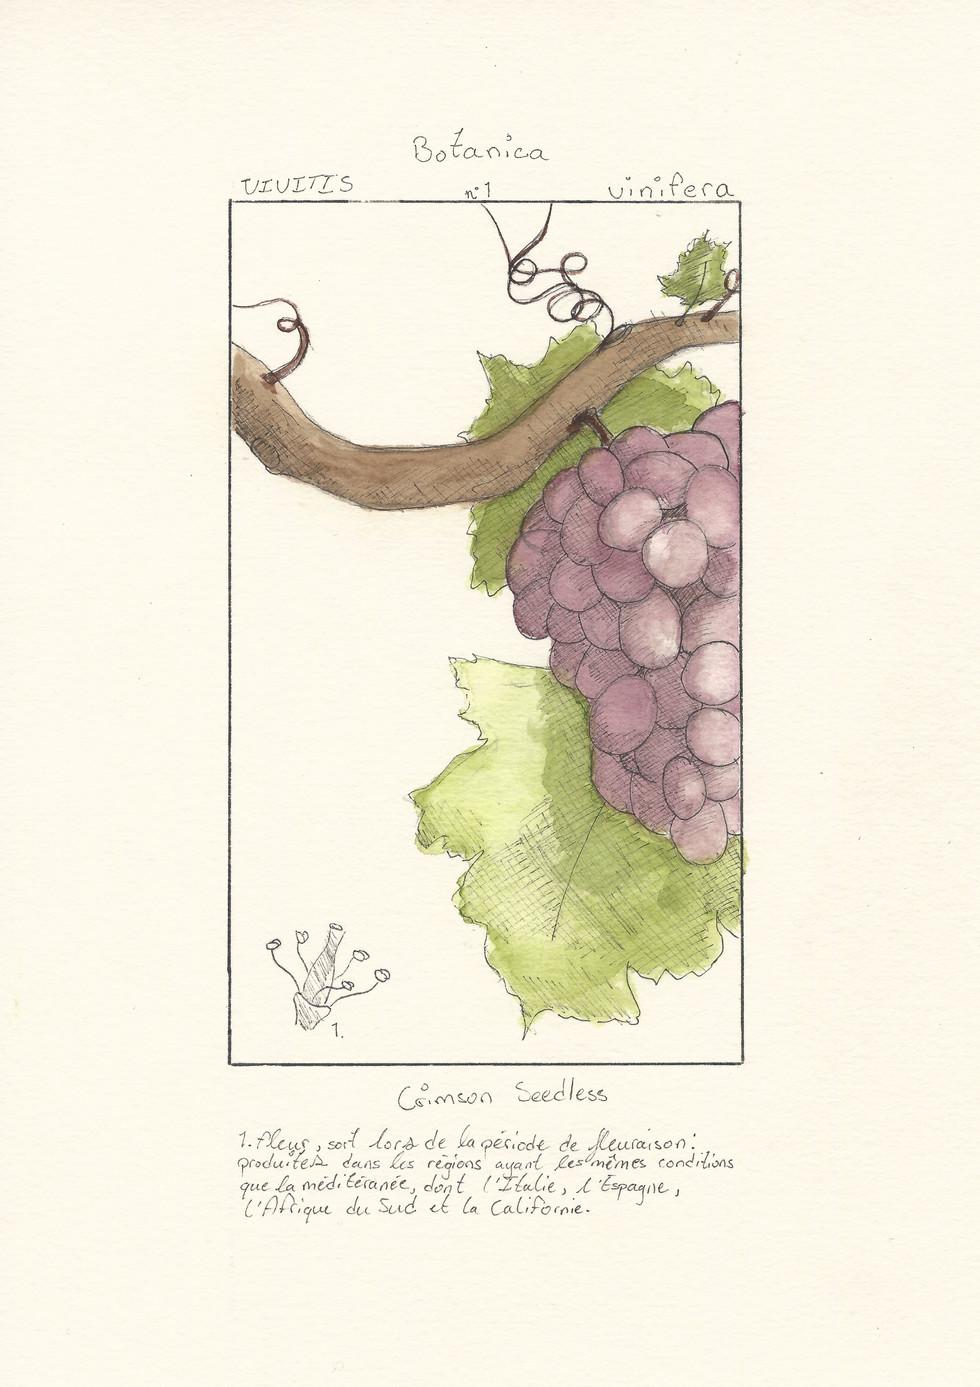 Pierre-Luc Gingras - Botanica 1 (Techniques mixtes)